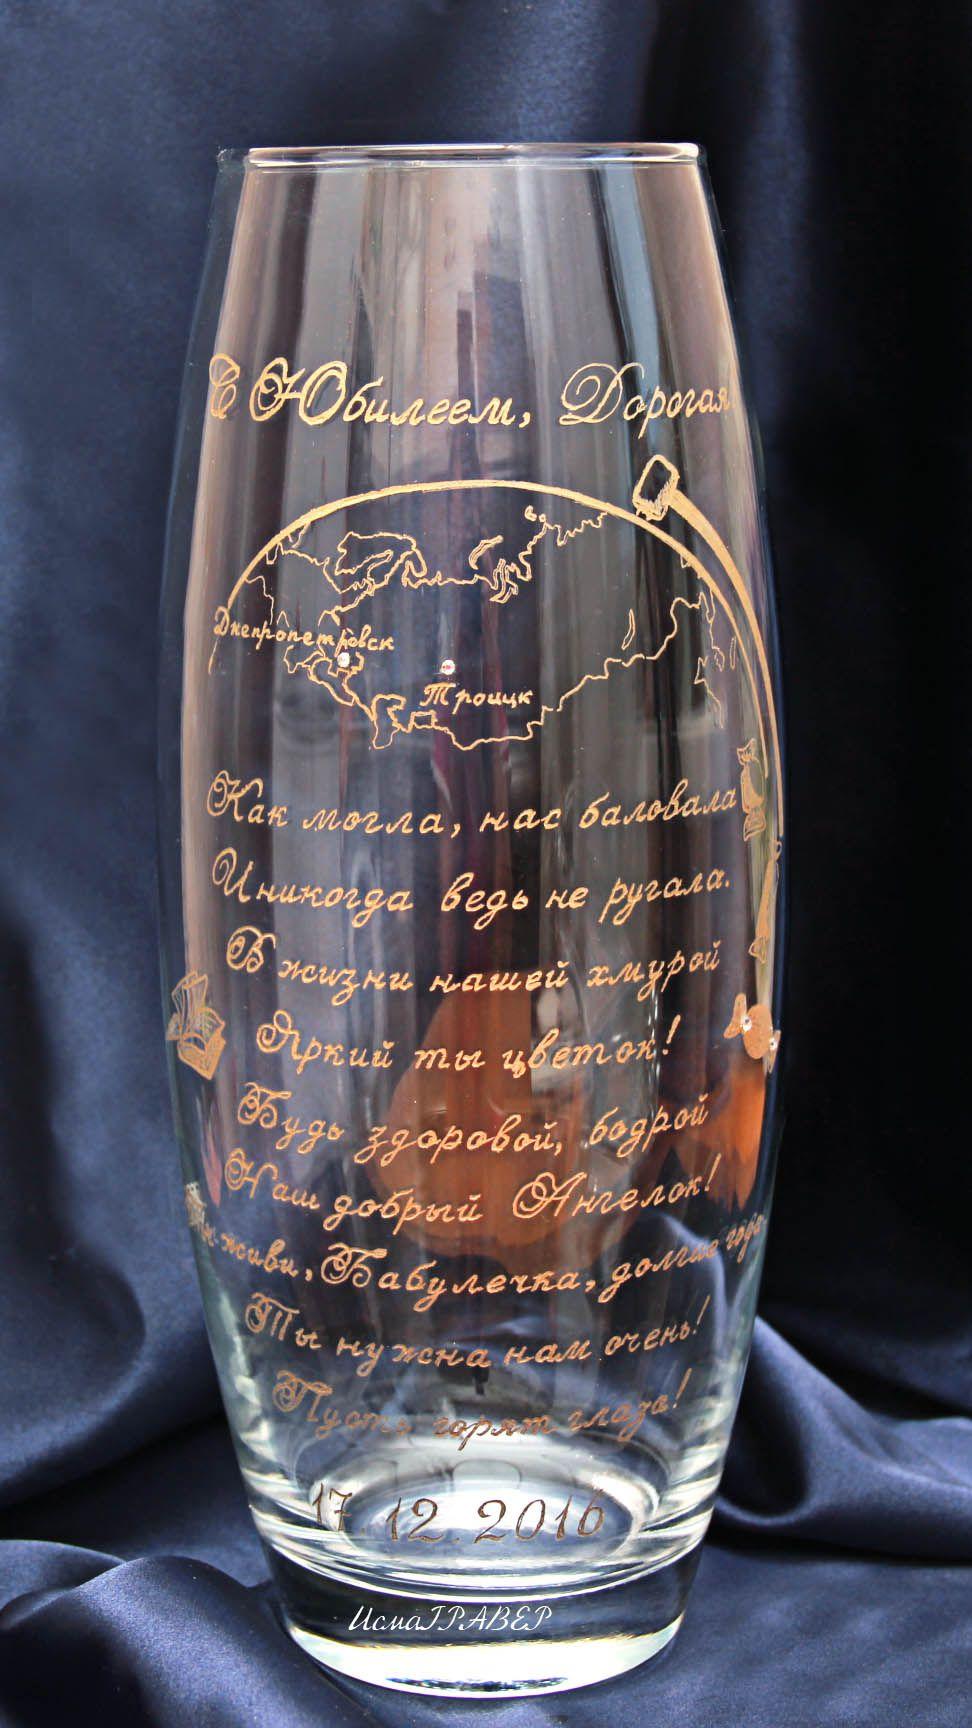 подароклюбимой подарокбабушке ручнаяработа юбилей чтоподарить география глобус надпись гравировканавазе гравировкапостеклу амелия исмагравер ваза ювелирнаяработа ручнаягравировка handmade праздник подарокнаюбилей гравировканастекле гравировка подарки подарок подарокженщине